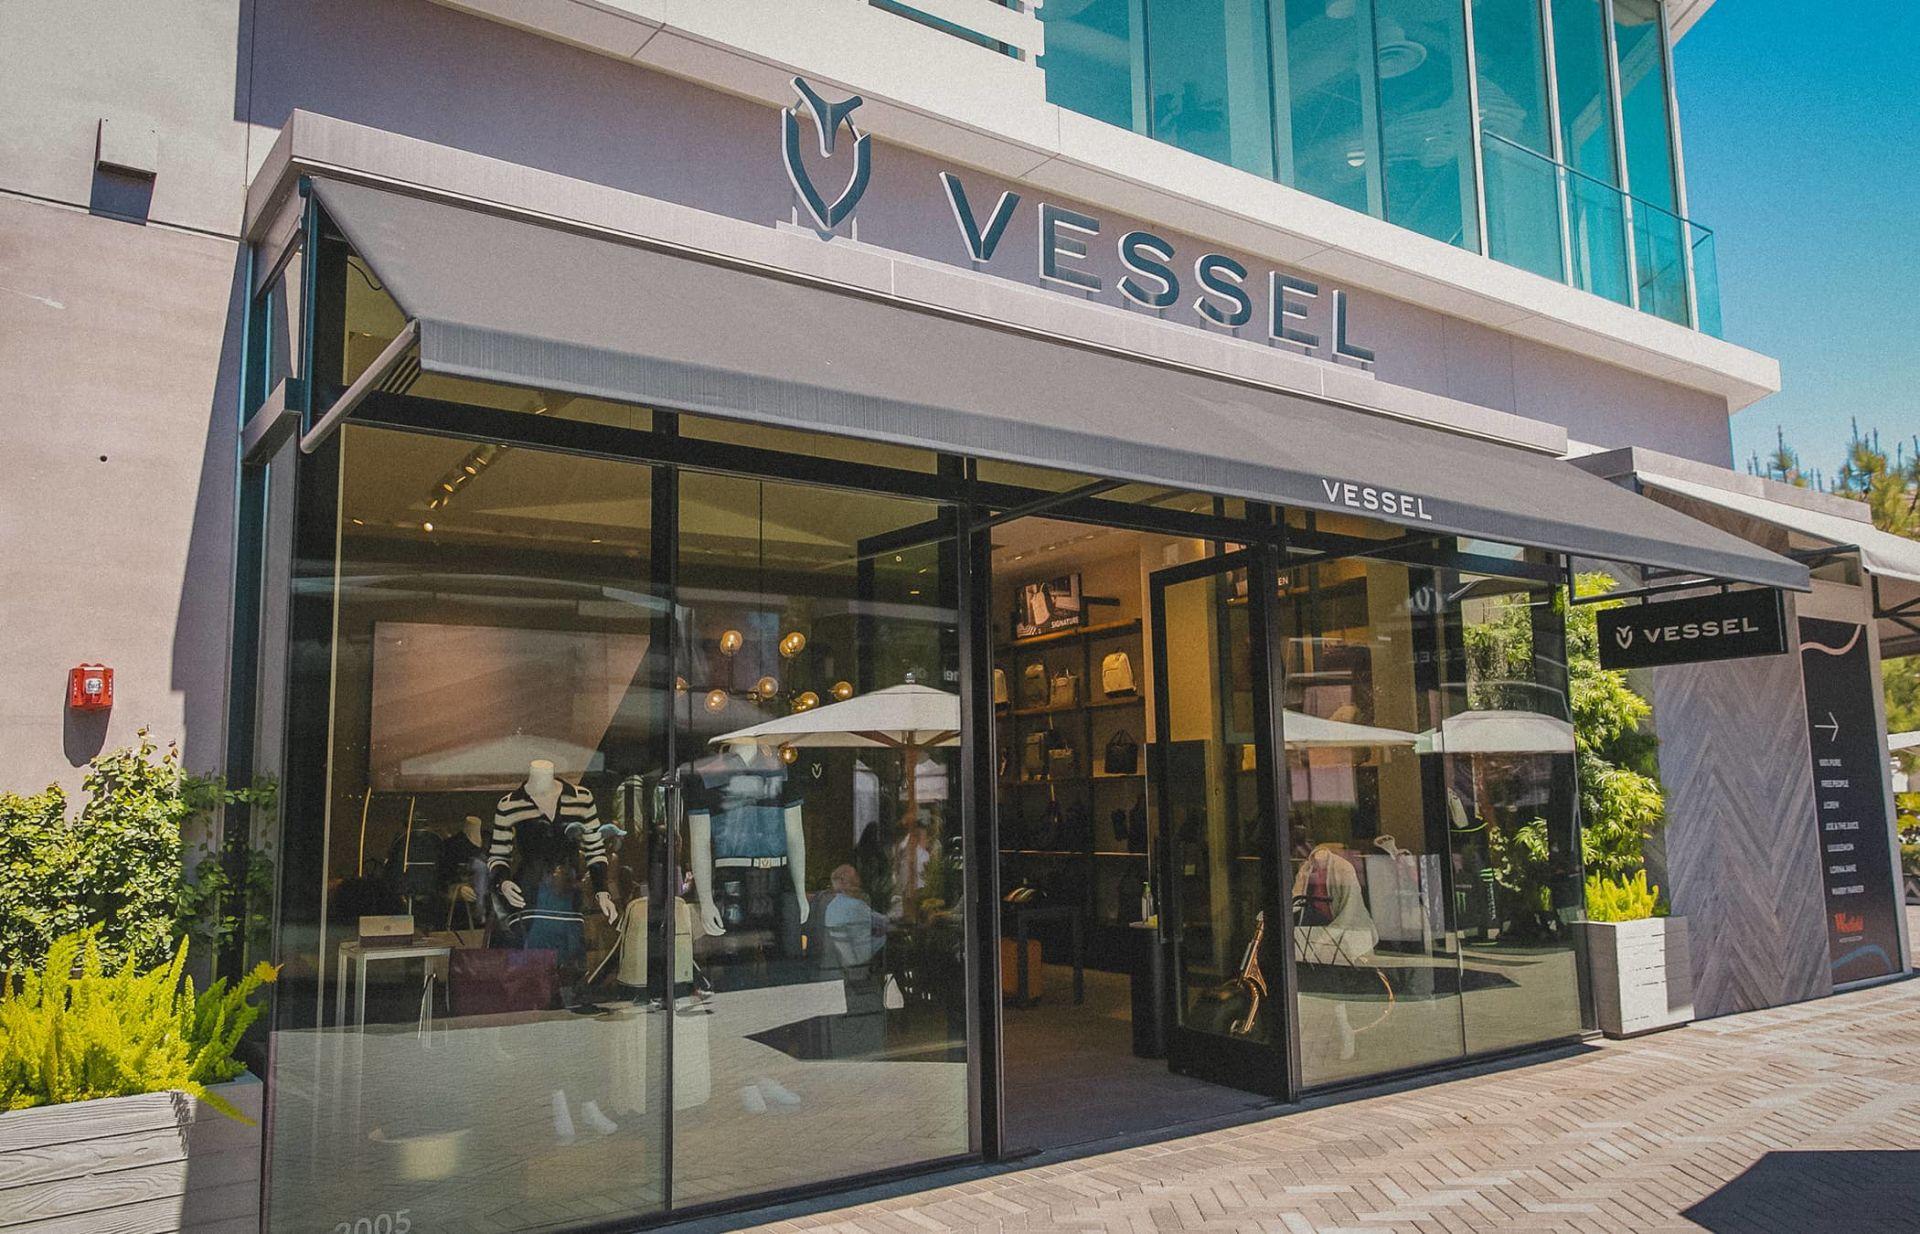 Vessel Storefront